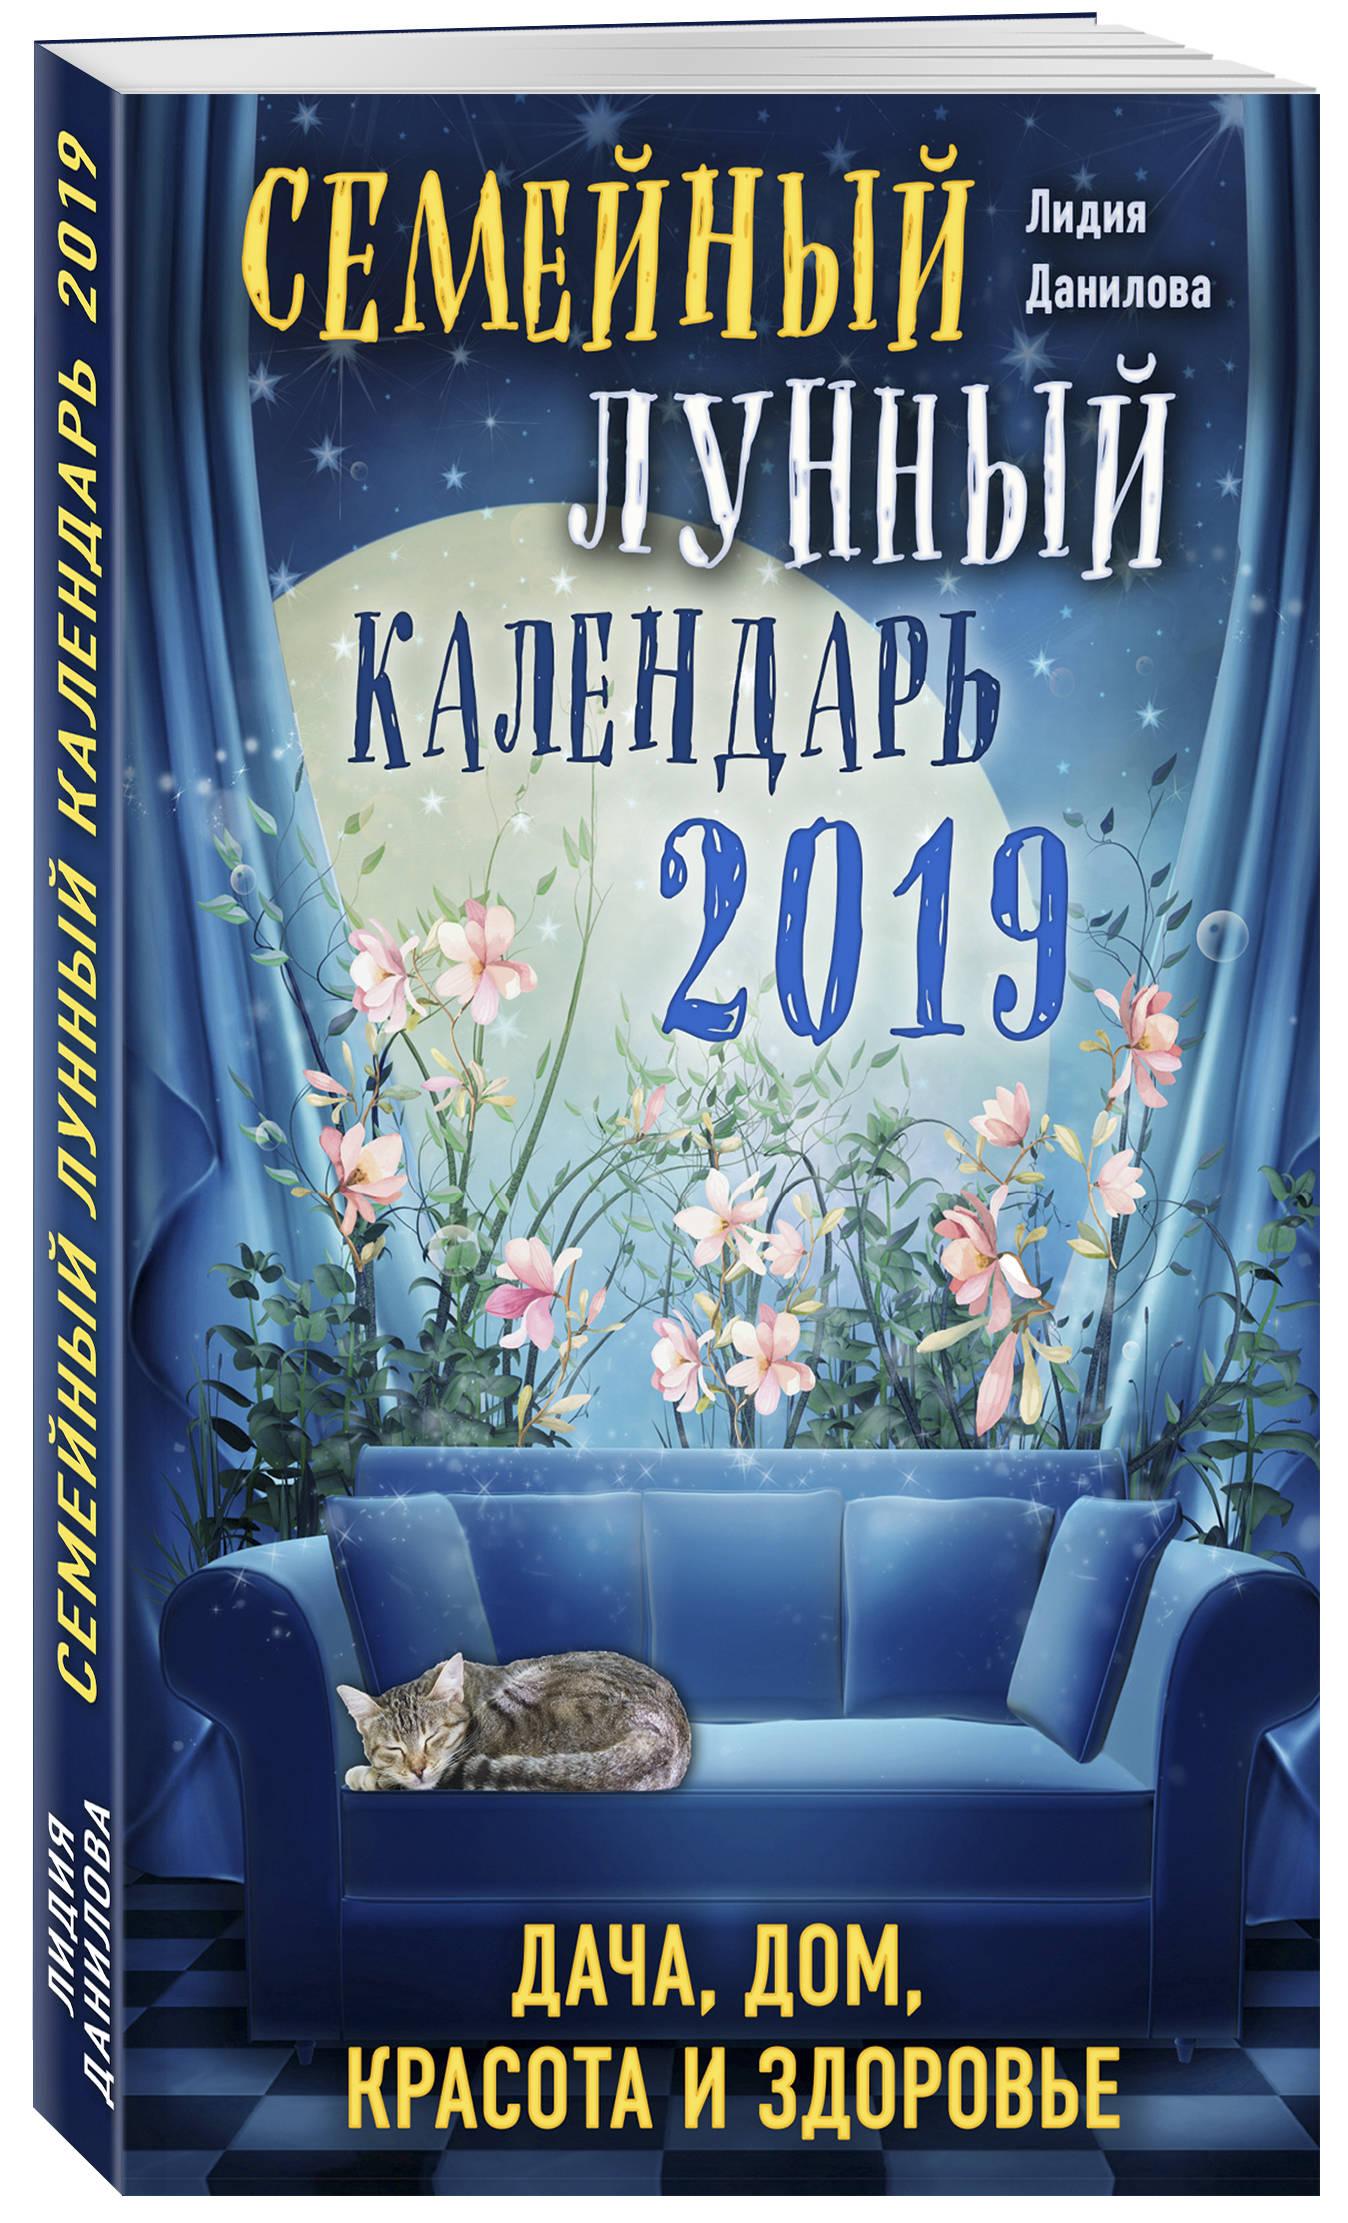 Лидия Данилова Семейный лунный календарь 2019. Дача, дом, красота и здоровье